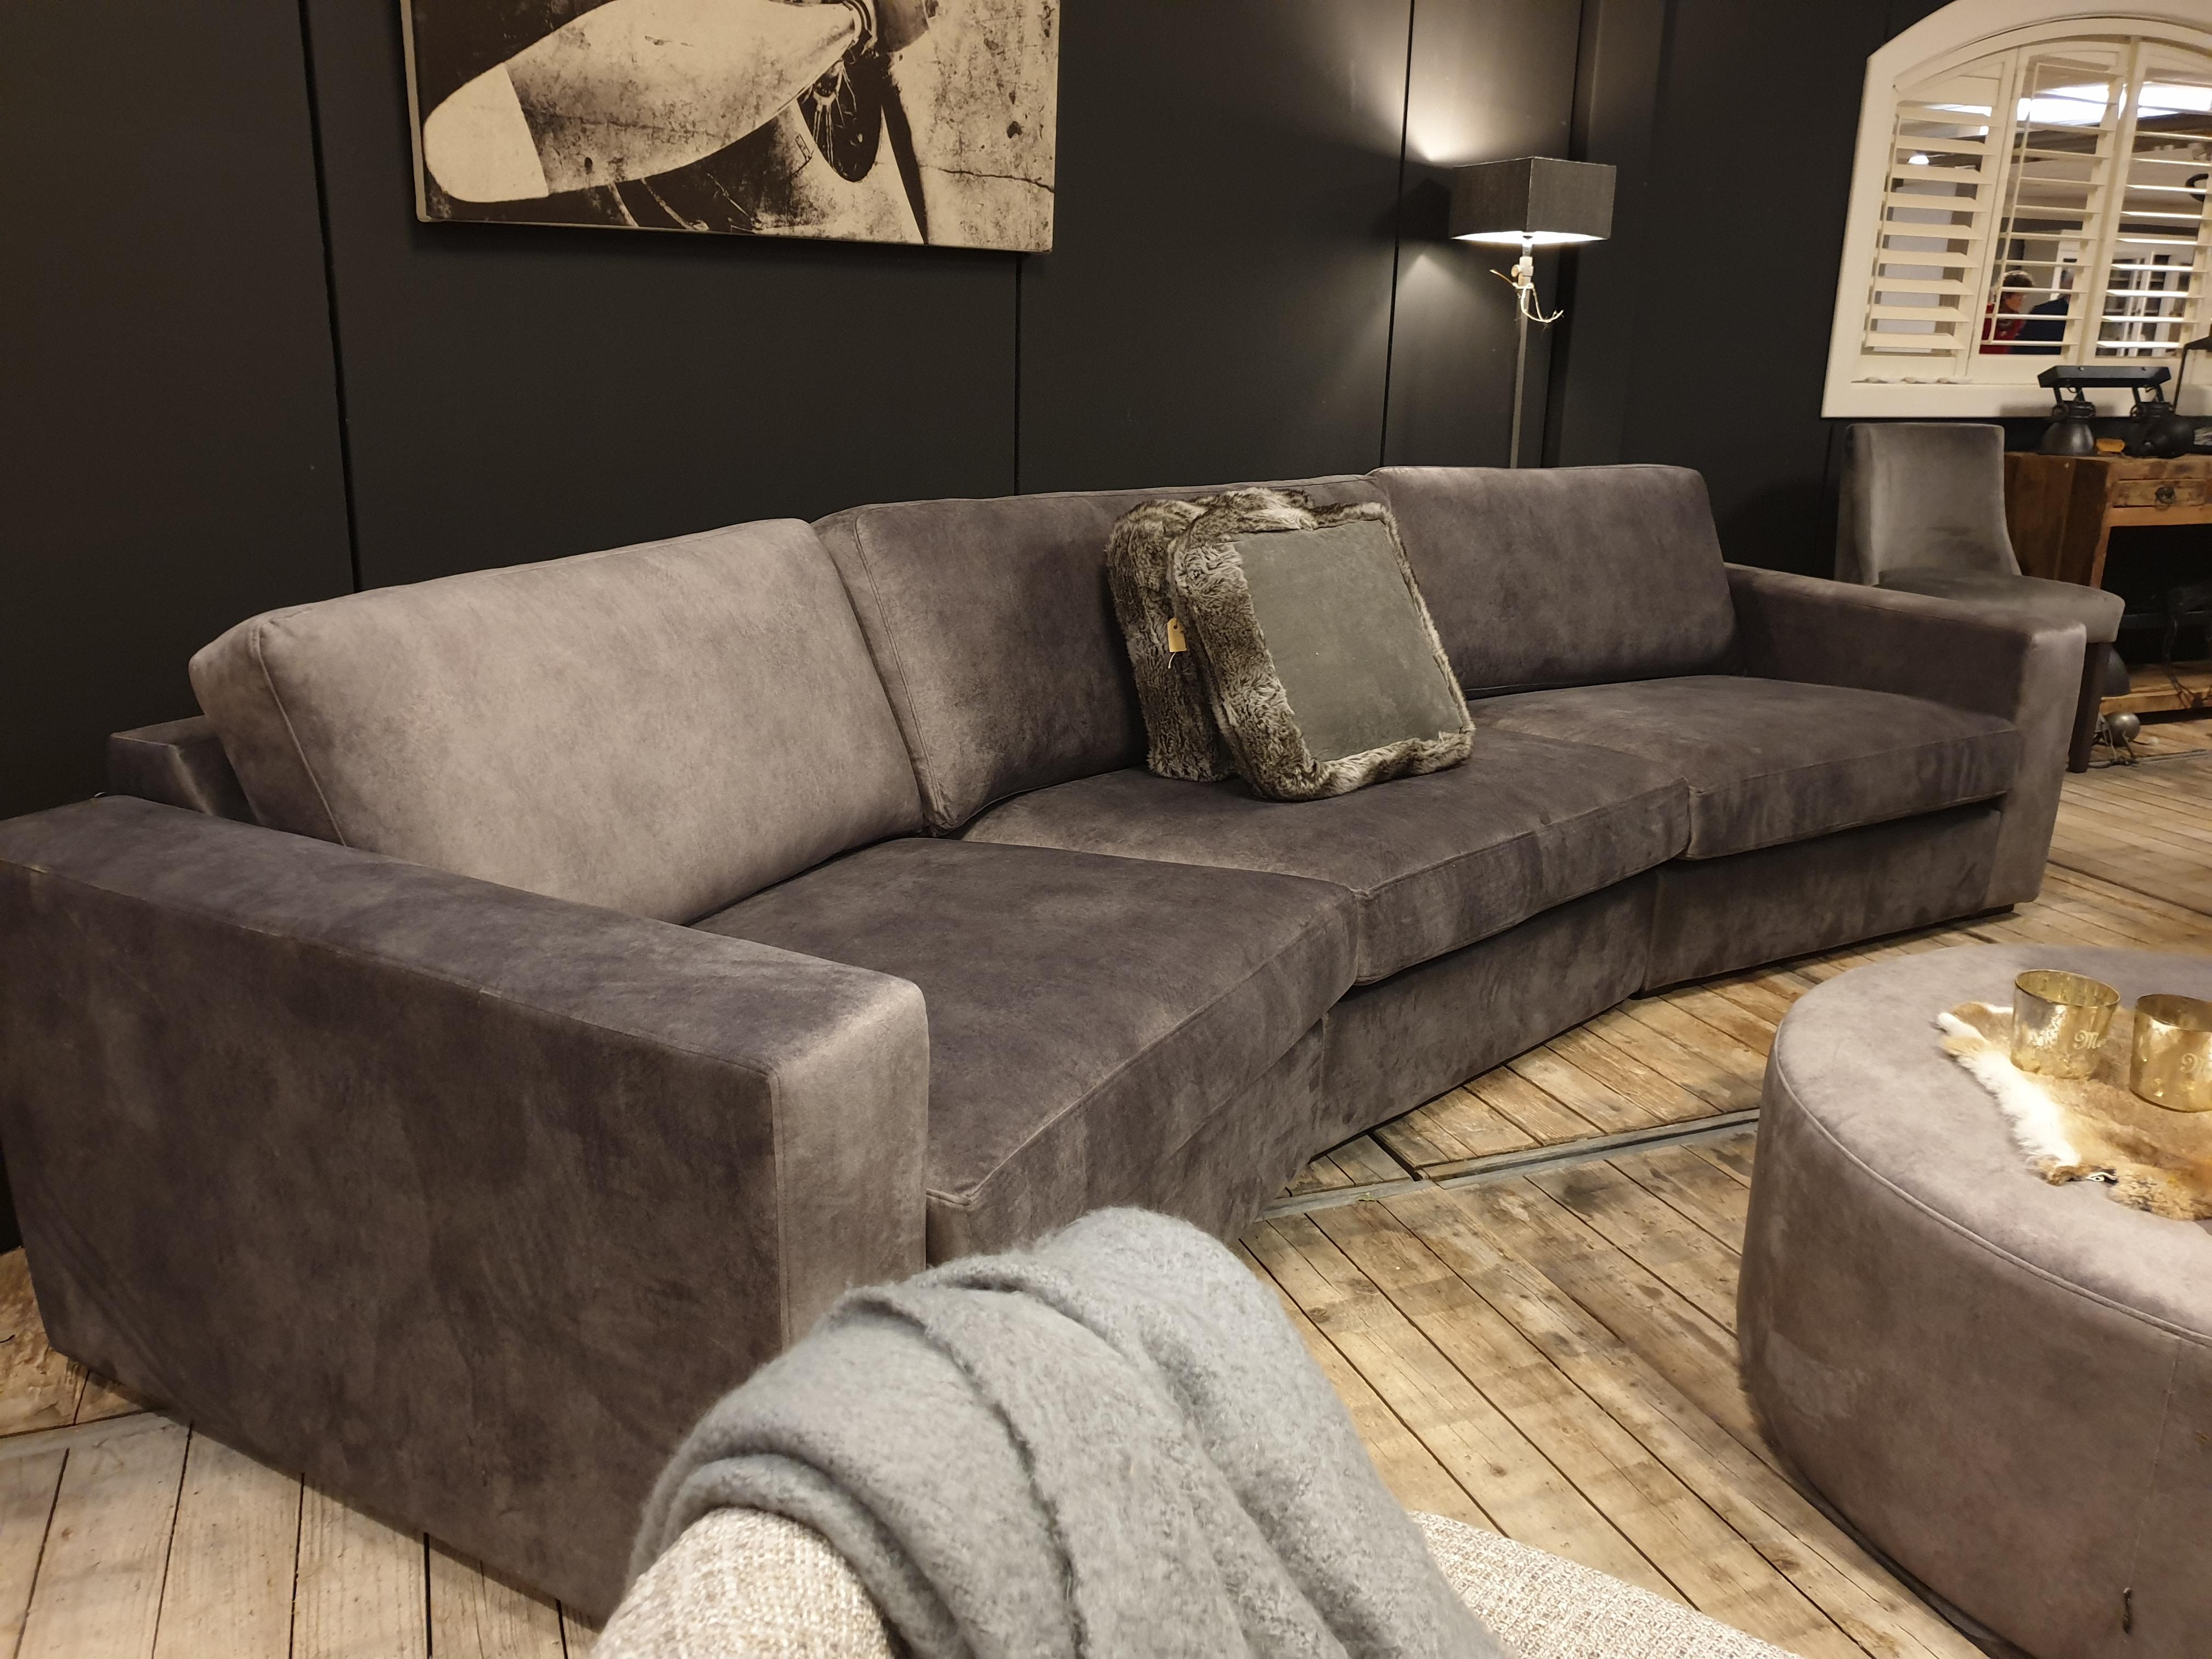 Landelijke meubels kopen bij Verschoor Wonen, voor een landelijke inrichting.